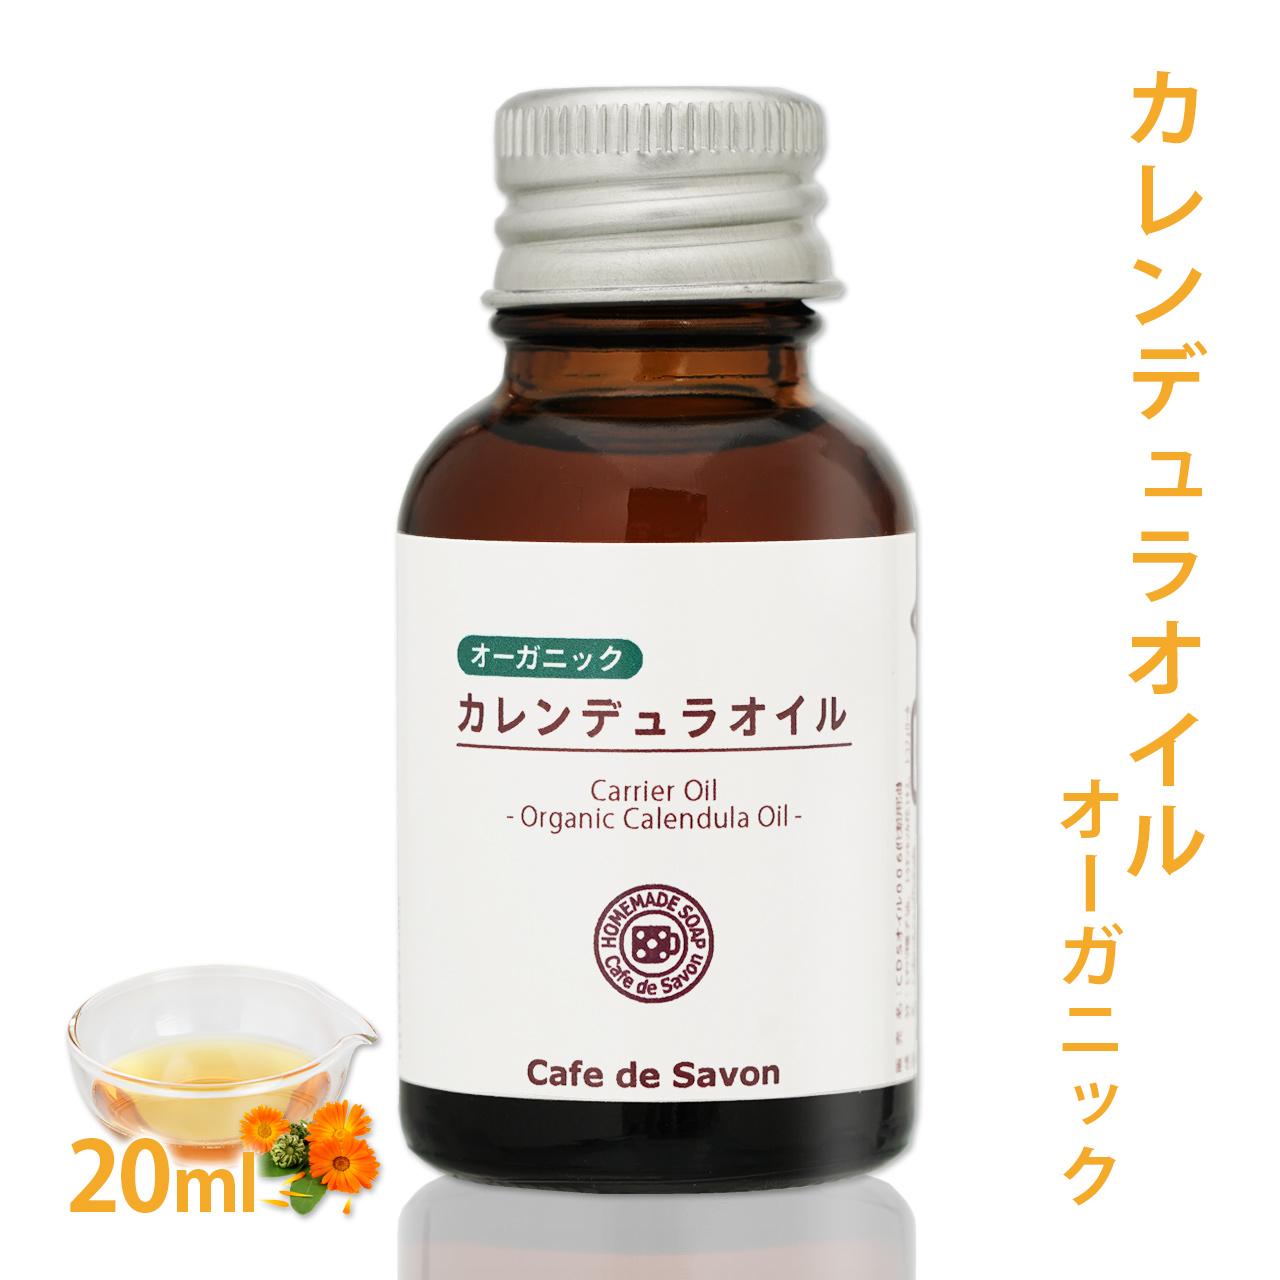 オーガニック カレンデュラオイル [マリーゴールド抽出油]20ml